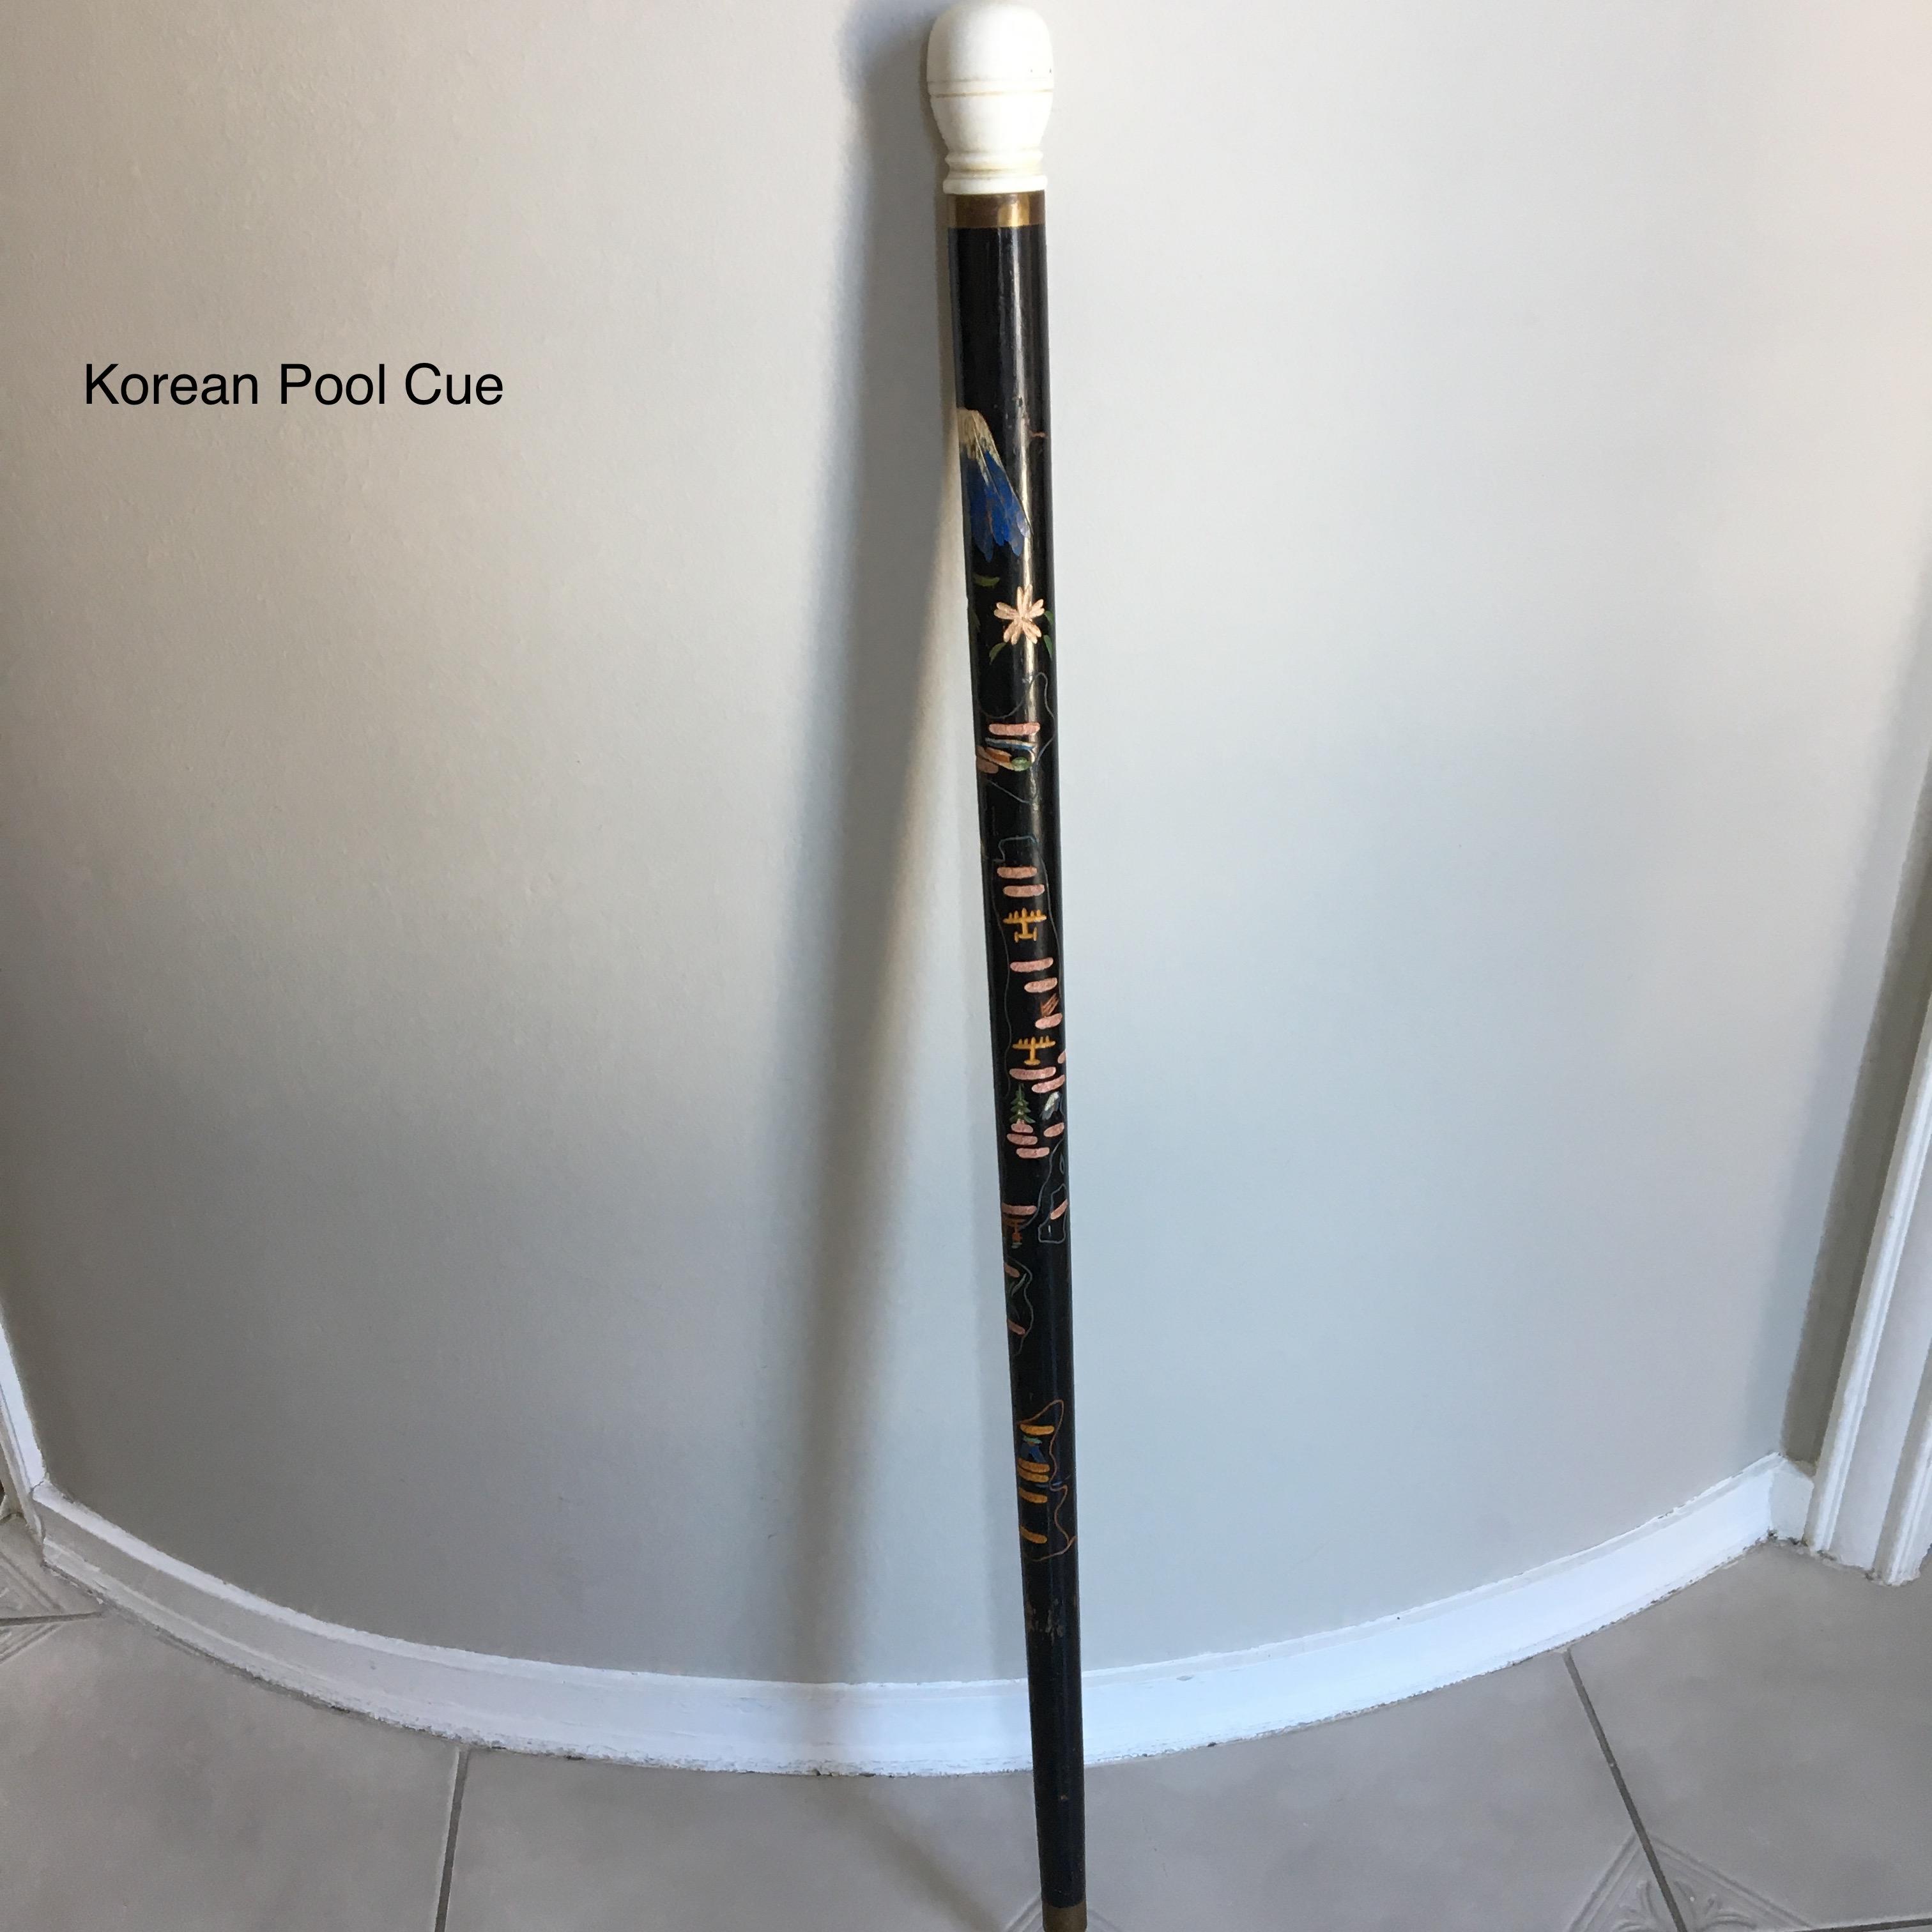 Korean Pool Cue